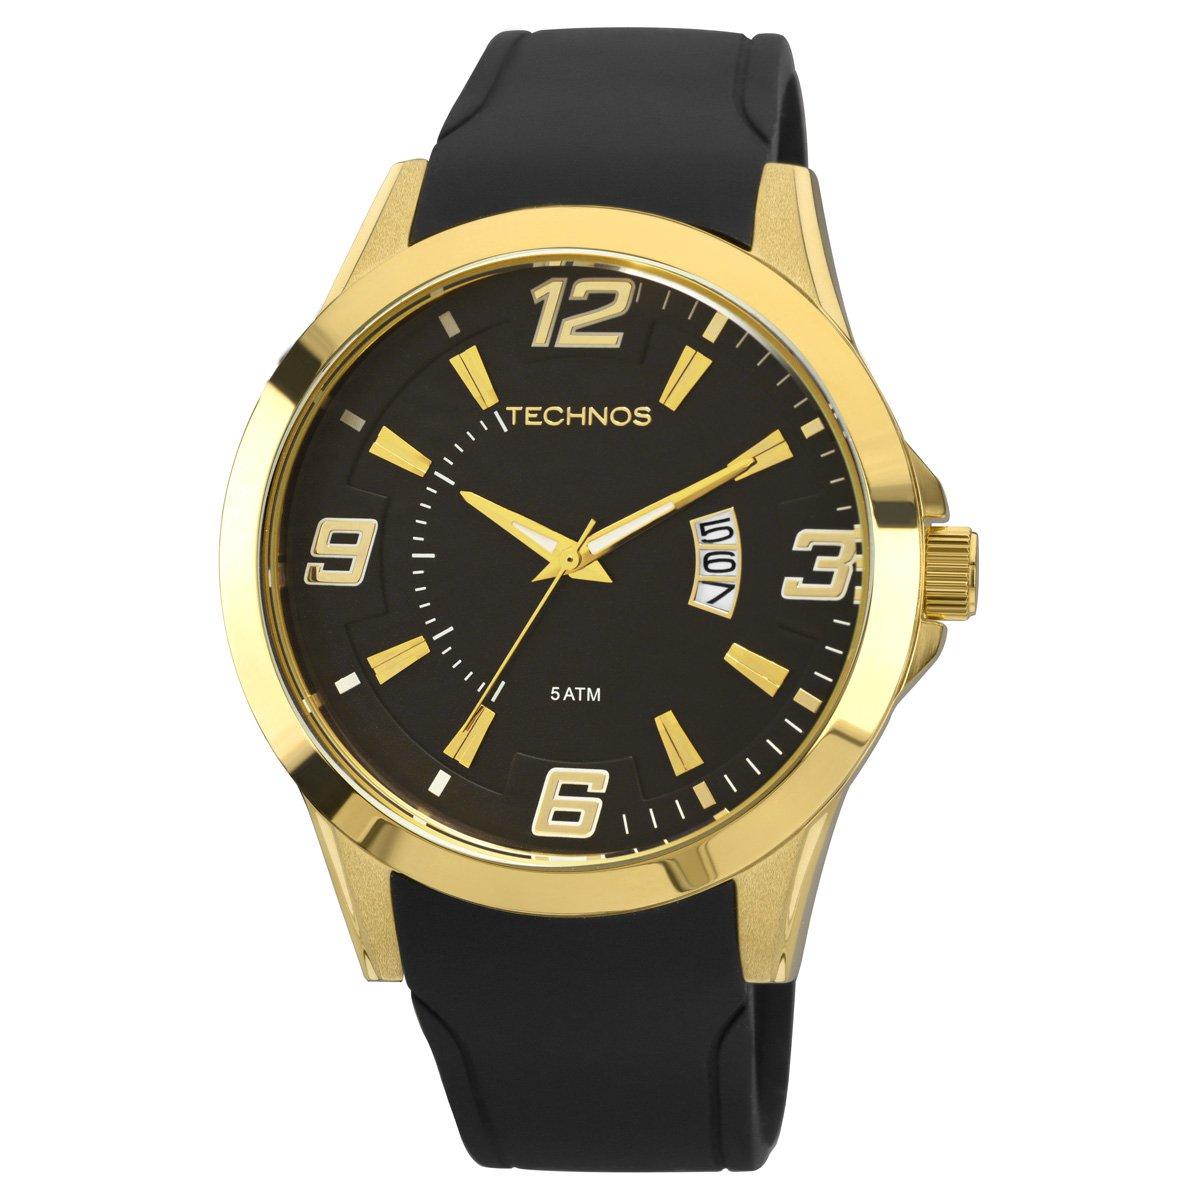 Relógio Technos Pulseira de Silicone - Compre Agora   Zattini 48f37c9266